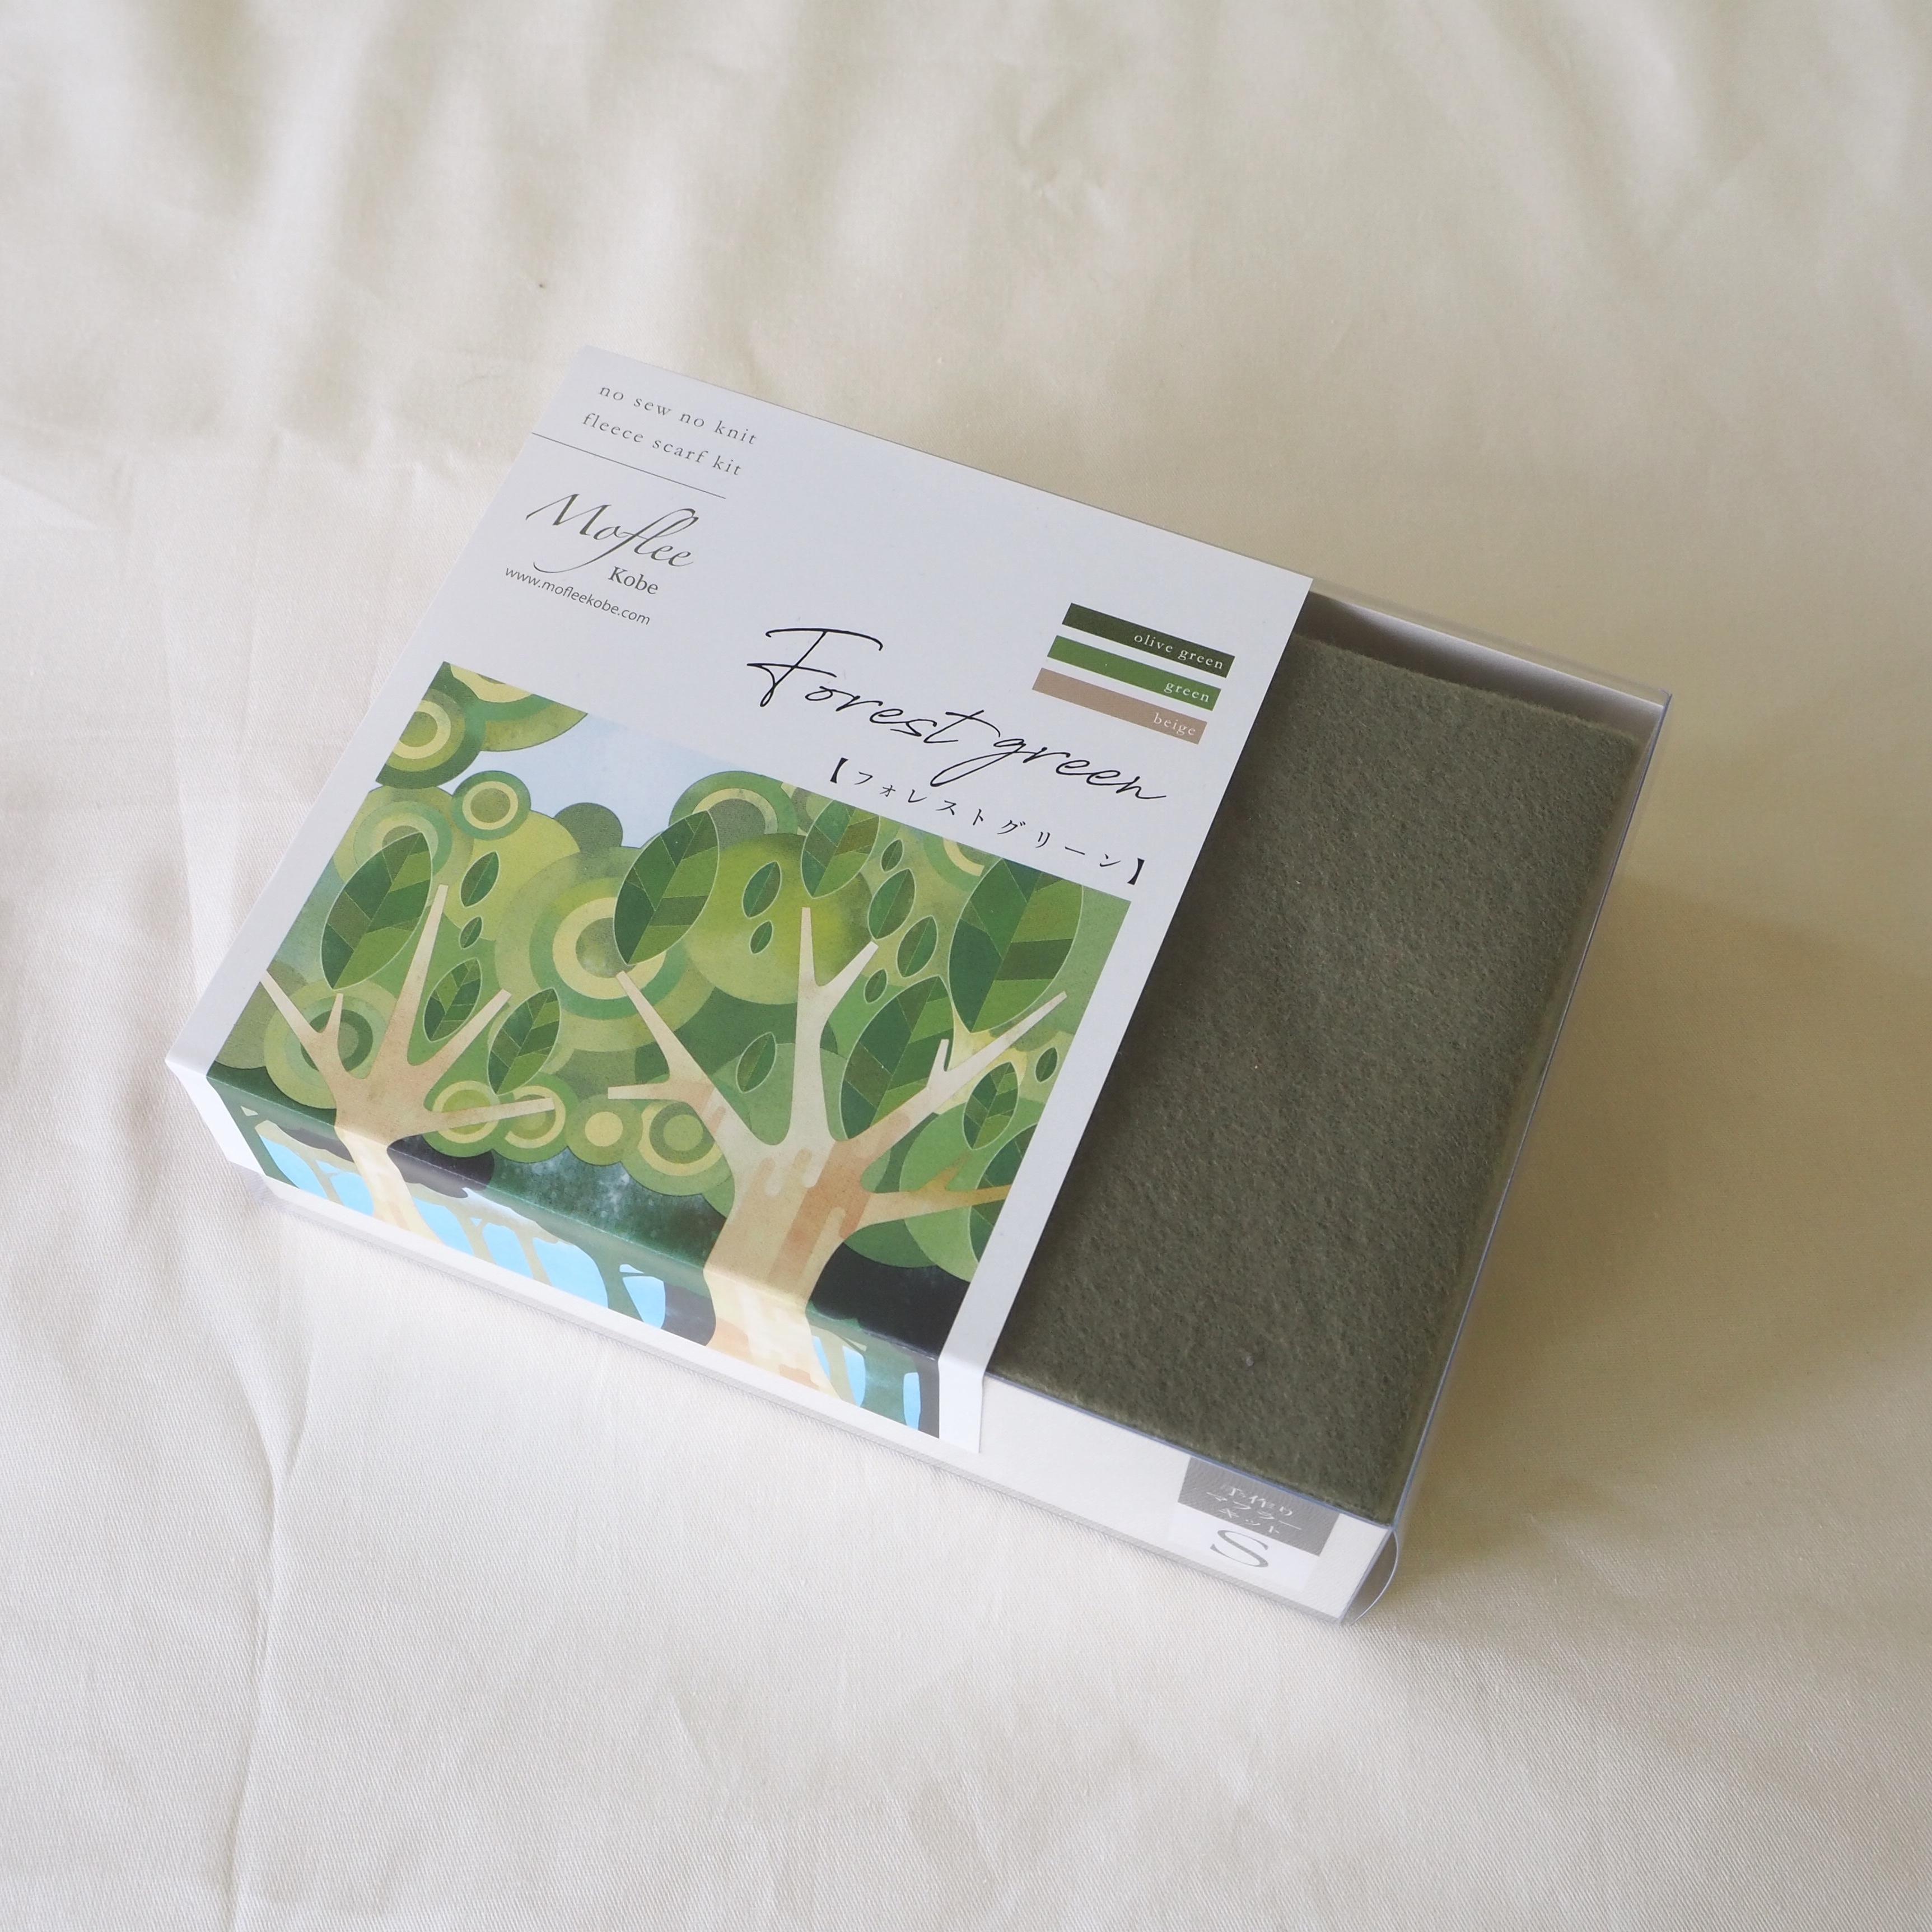 動画付手作りマフラーキット【モフリー Box Kit】フォレストグリーン◆Sサイズ